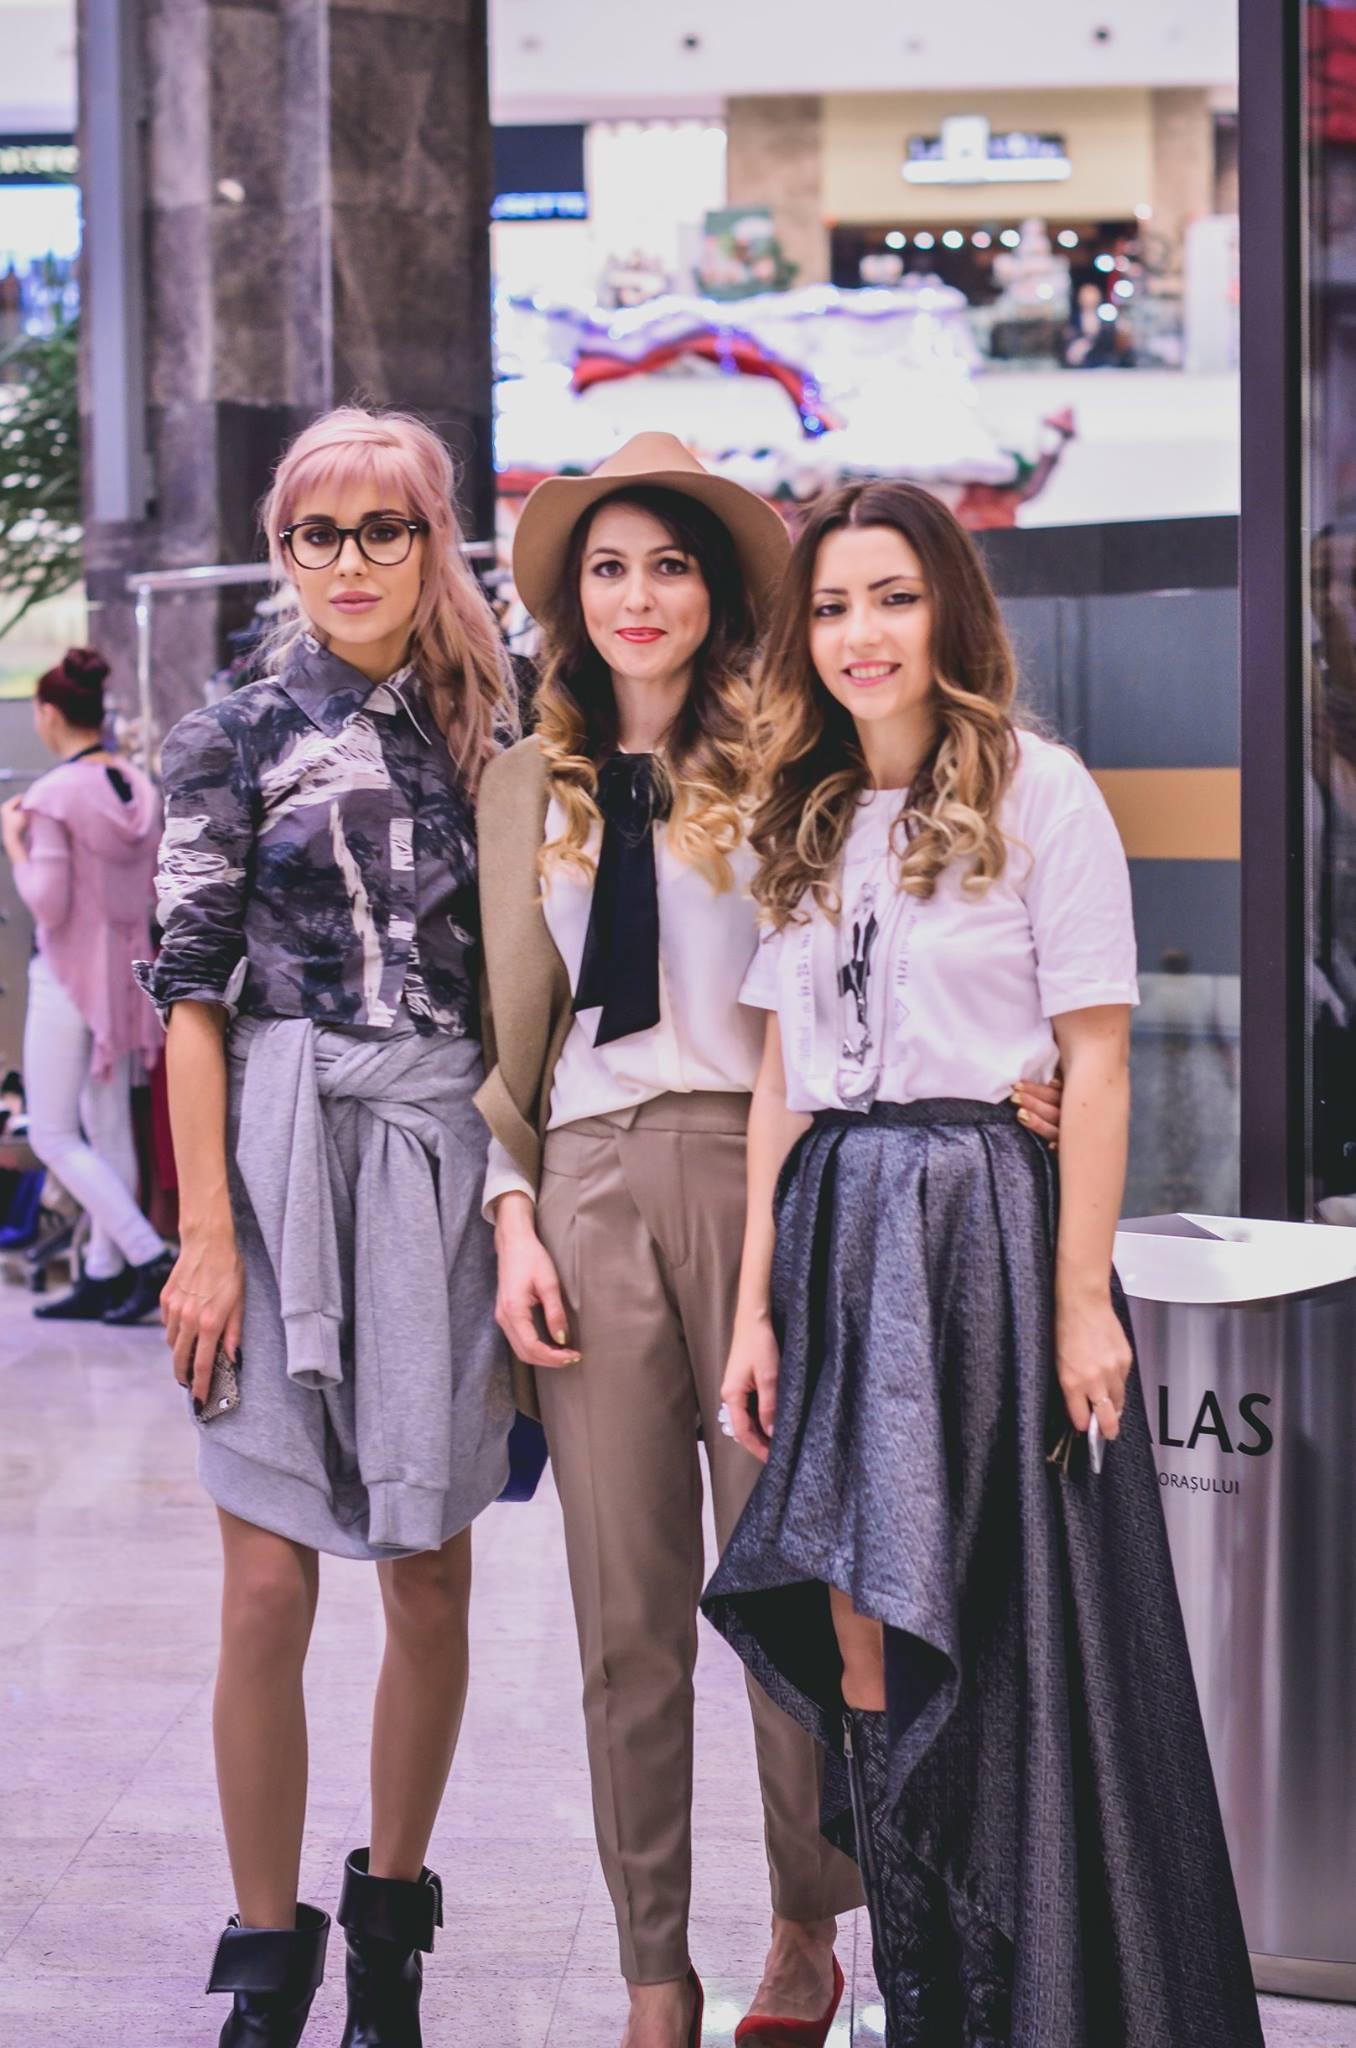 52 fashionBloggersInIasi